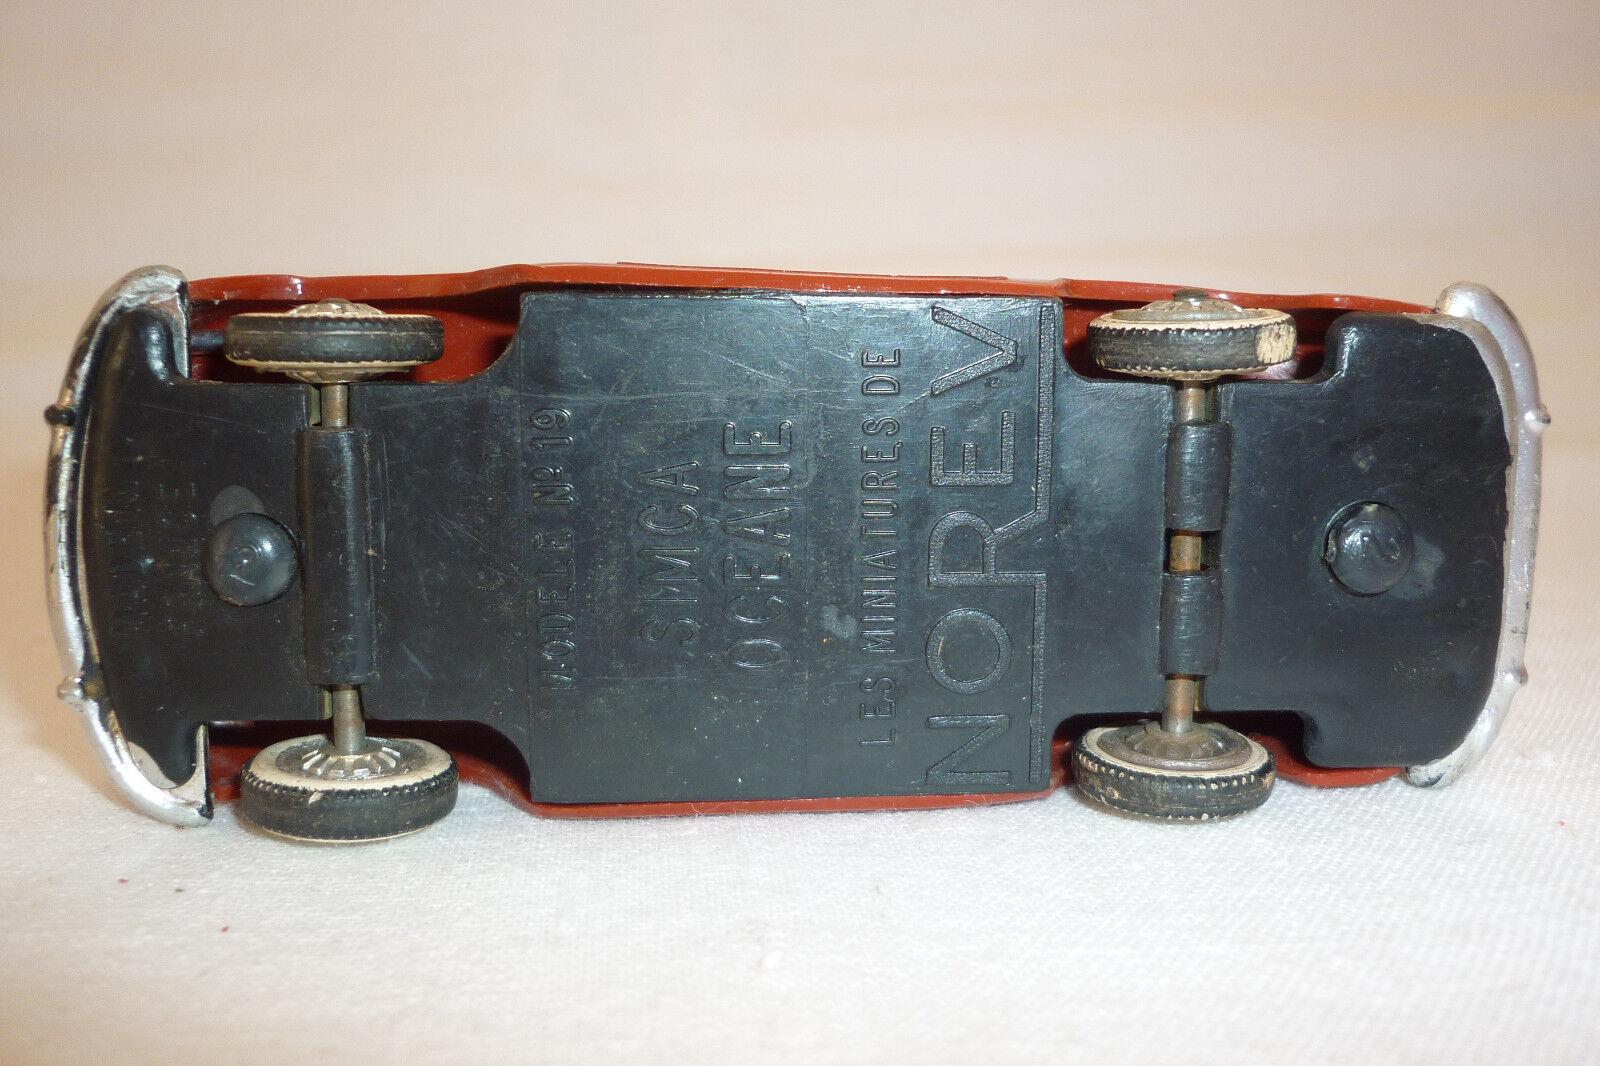 NOREV - - - Vintage Model - 19 - SIMCA OCEANE - (Nor 8) 46e89a